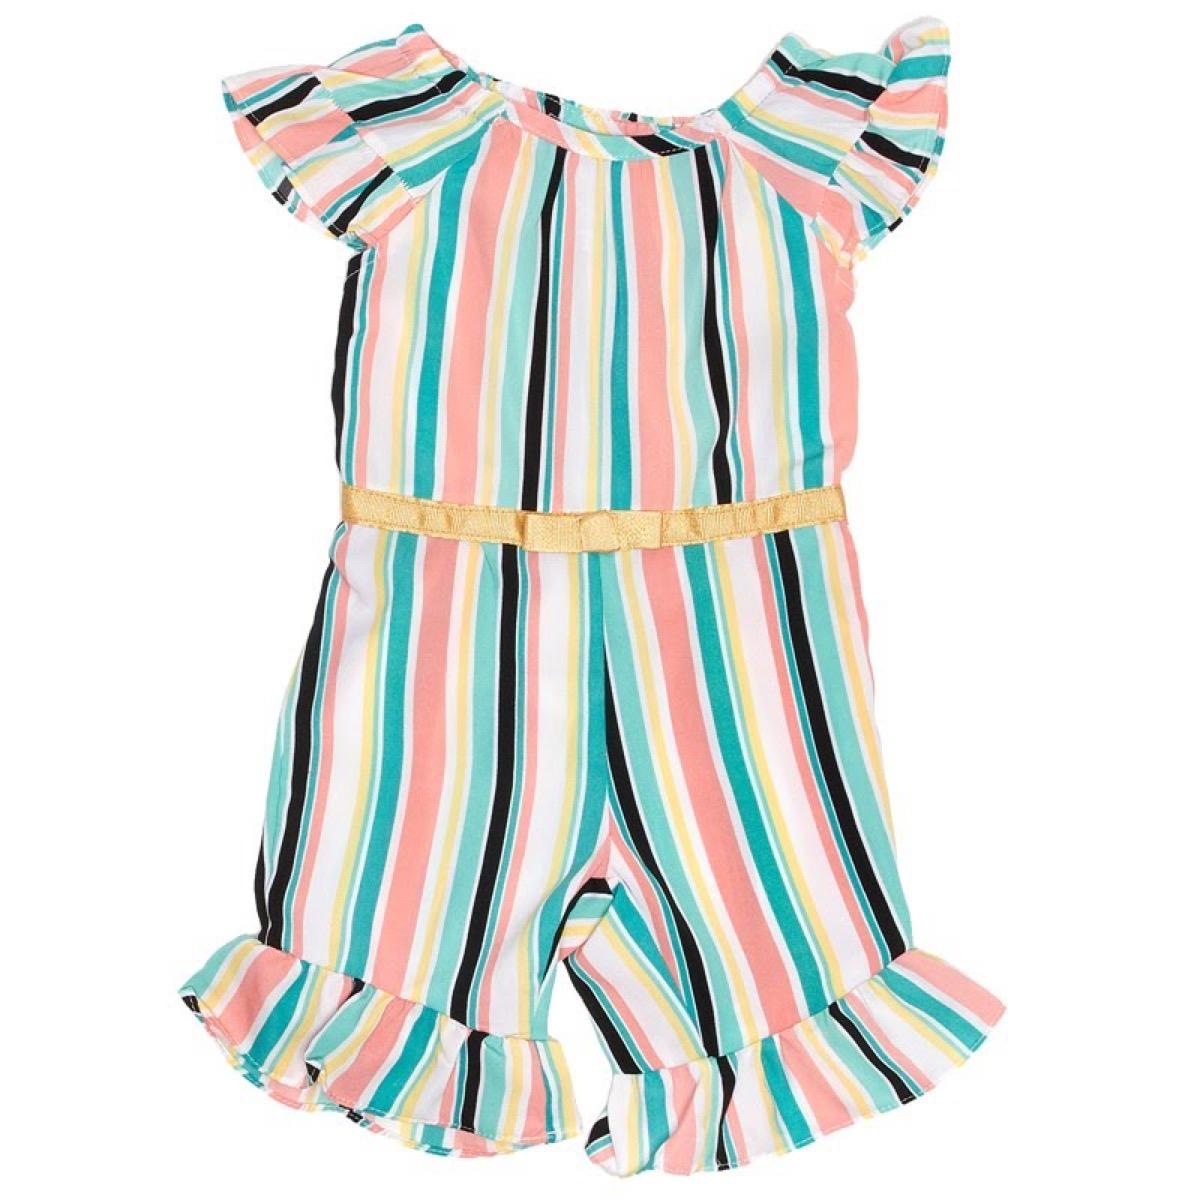 Burlington Coat Factory Stripe Jumpsuit {Save Money on Kids' Clothes}